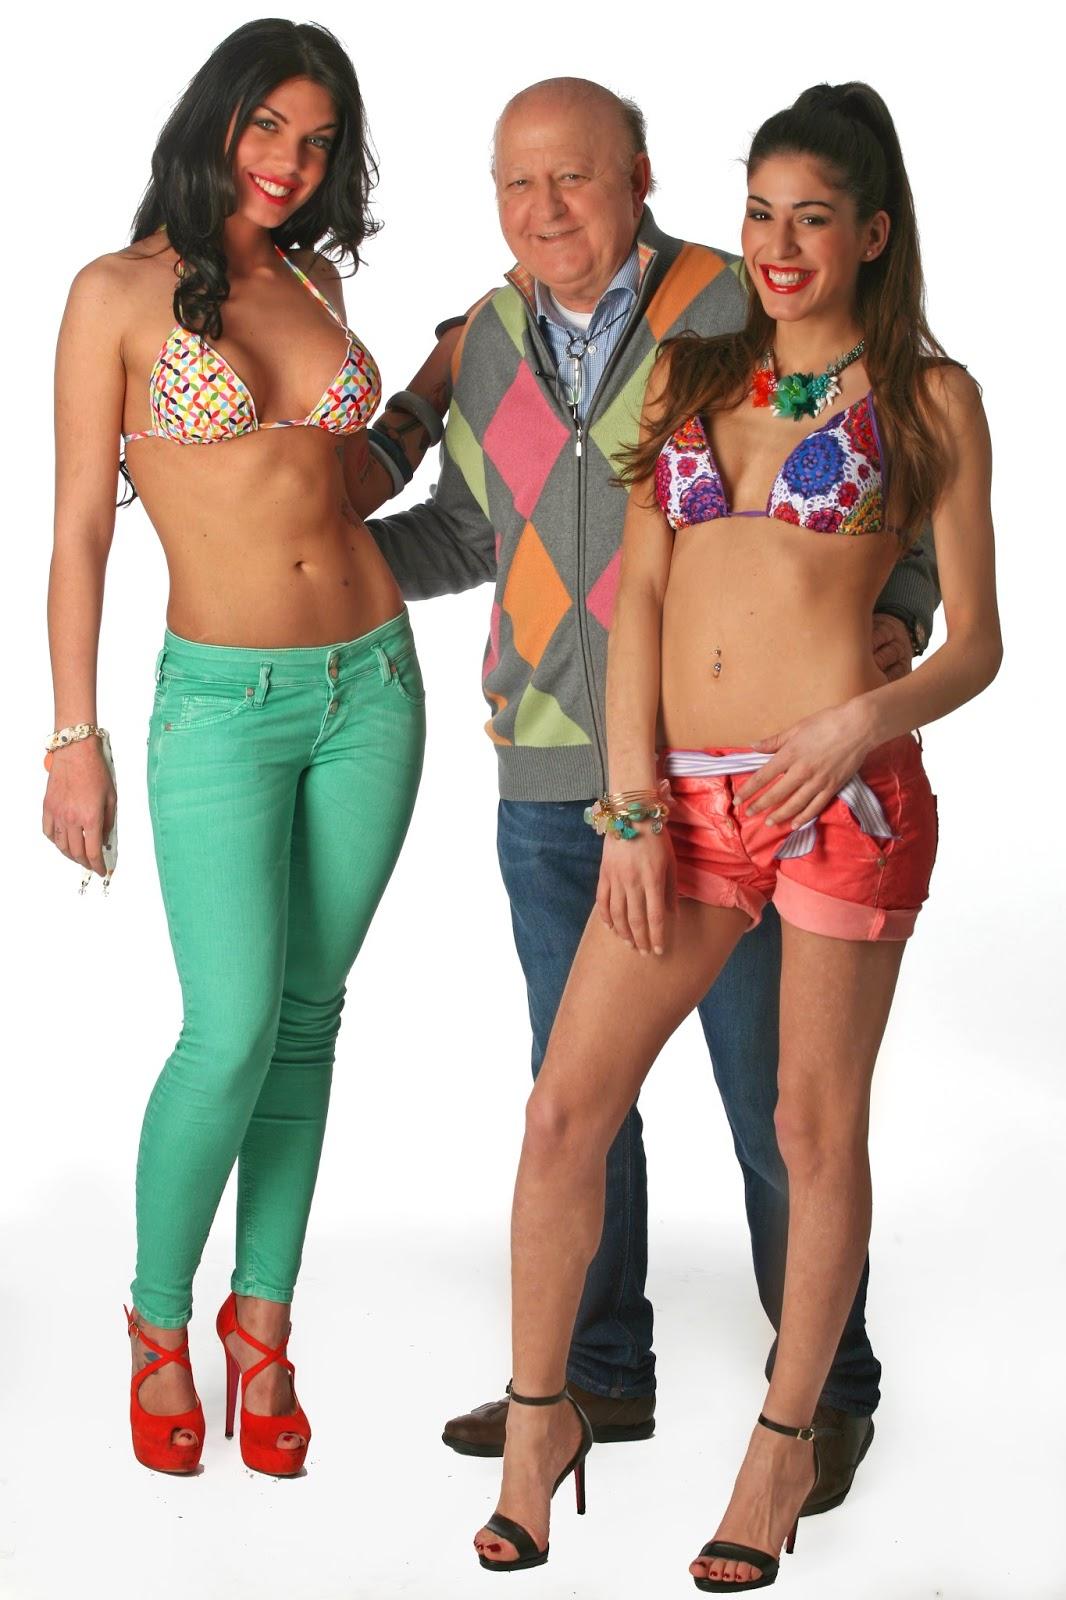 Gossip e spettacolo inciucio bikini77 azienda dinamica e giovane di costumi da bagno per - Costumi da bagno bambino ...